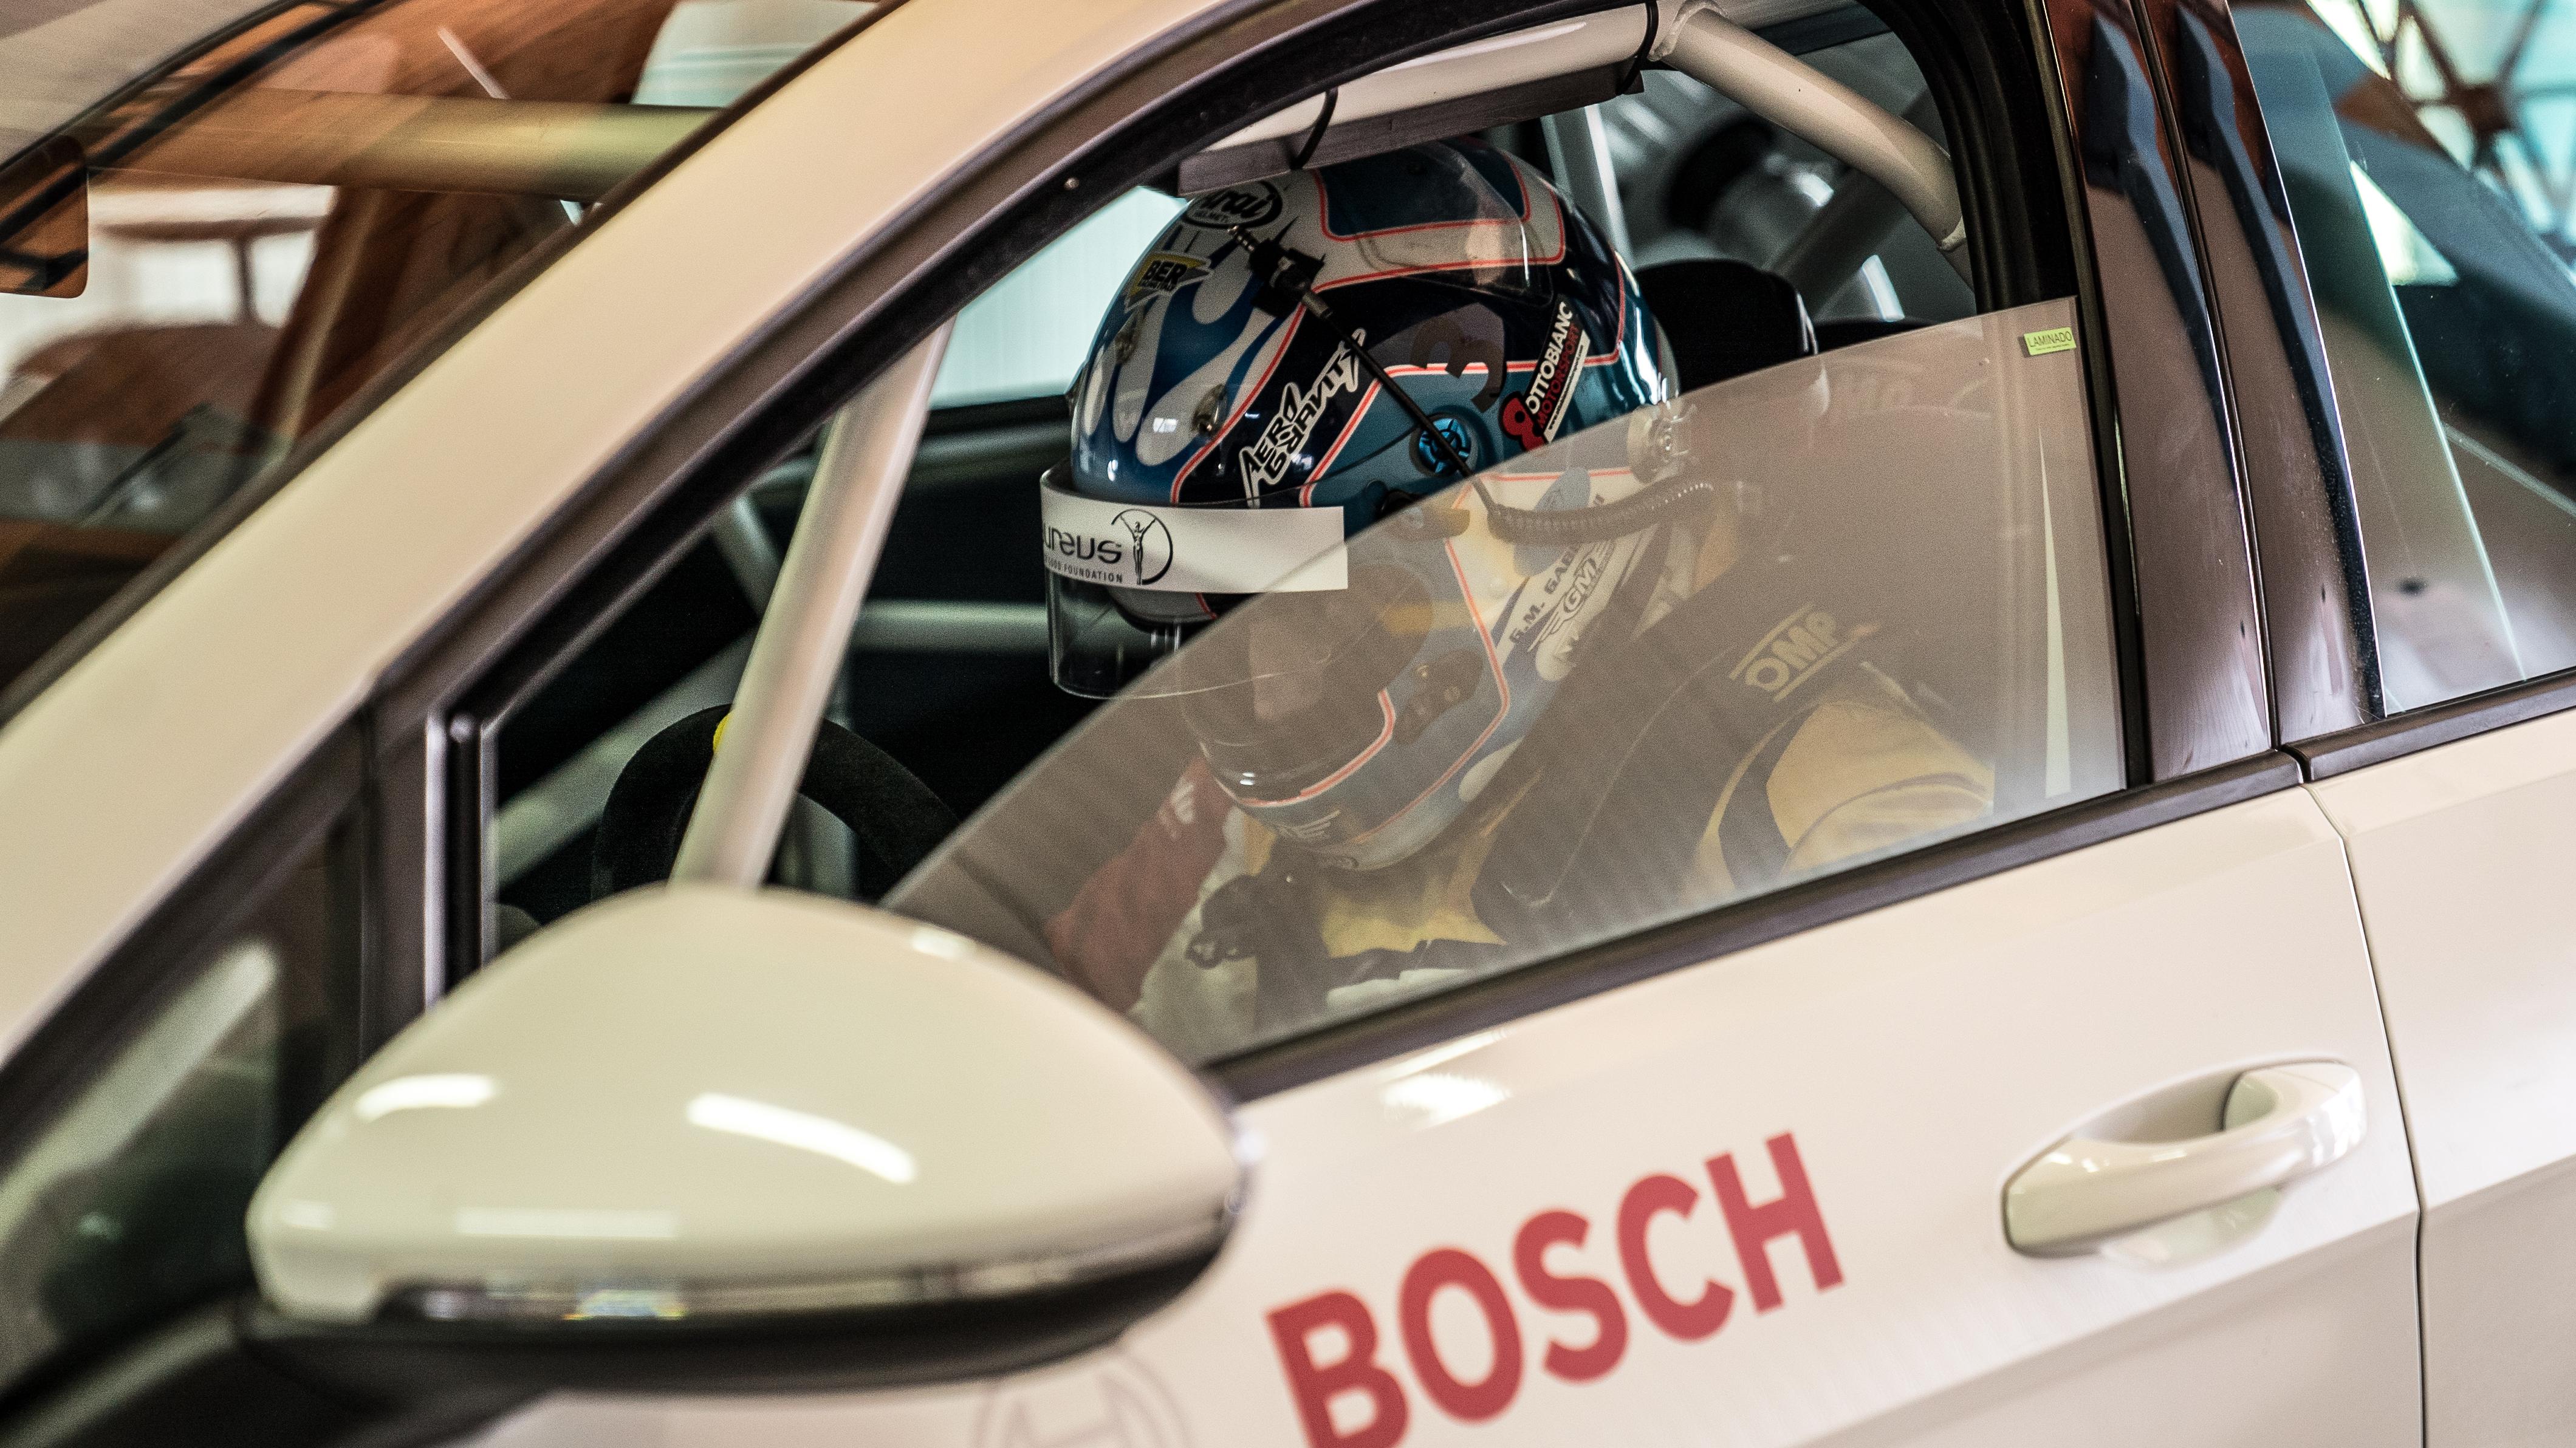 Guida sicura con Bosch TEC